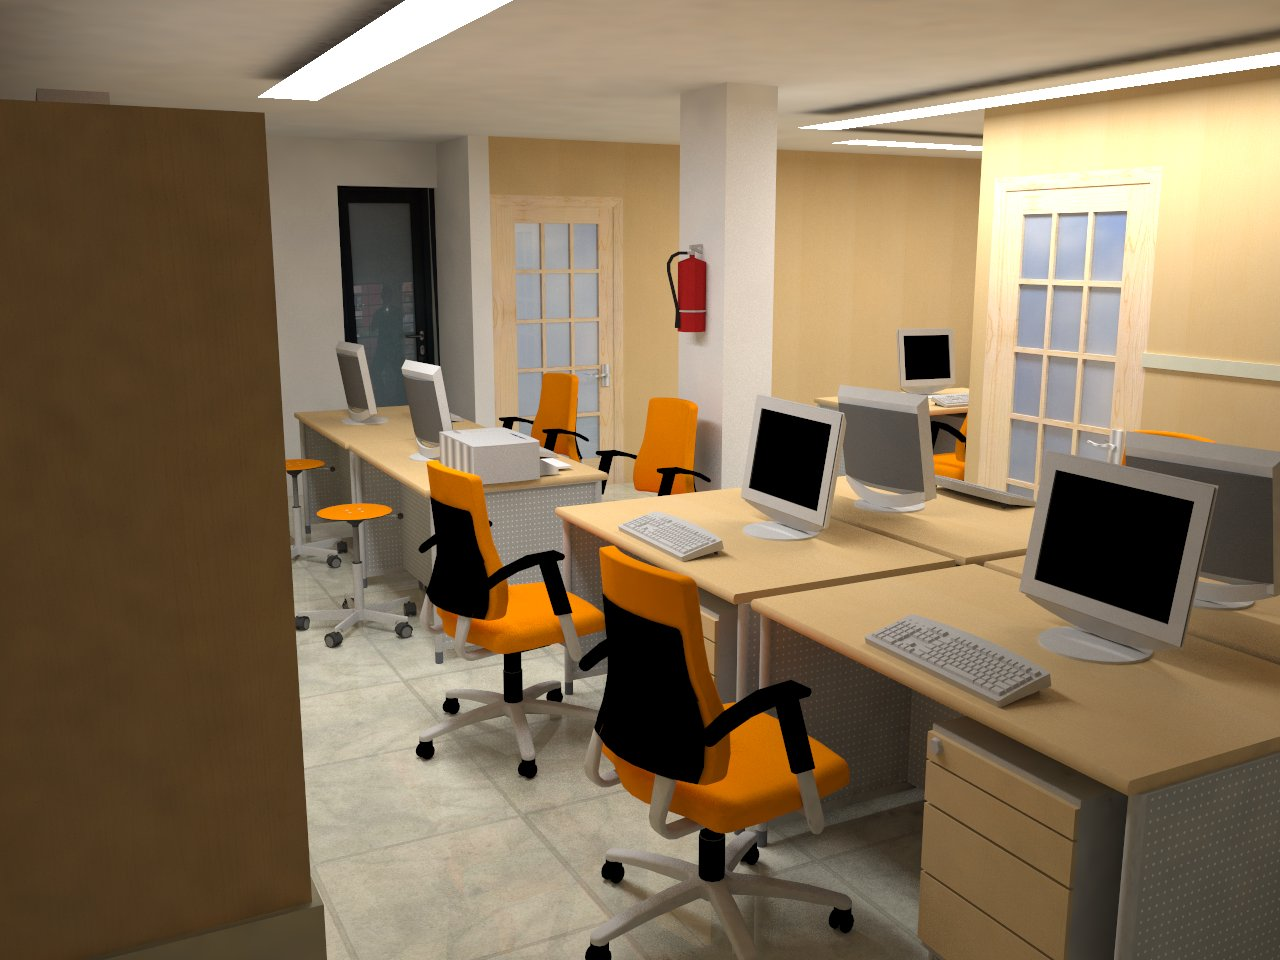 desain+kantor+minimalis+modern+kreativ+interior+pamulang++arissaifulloh